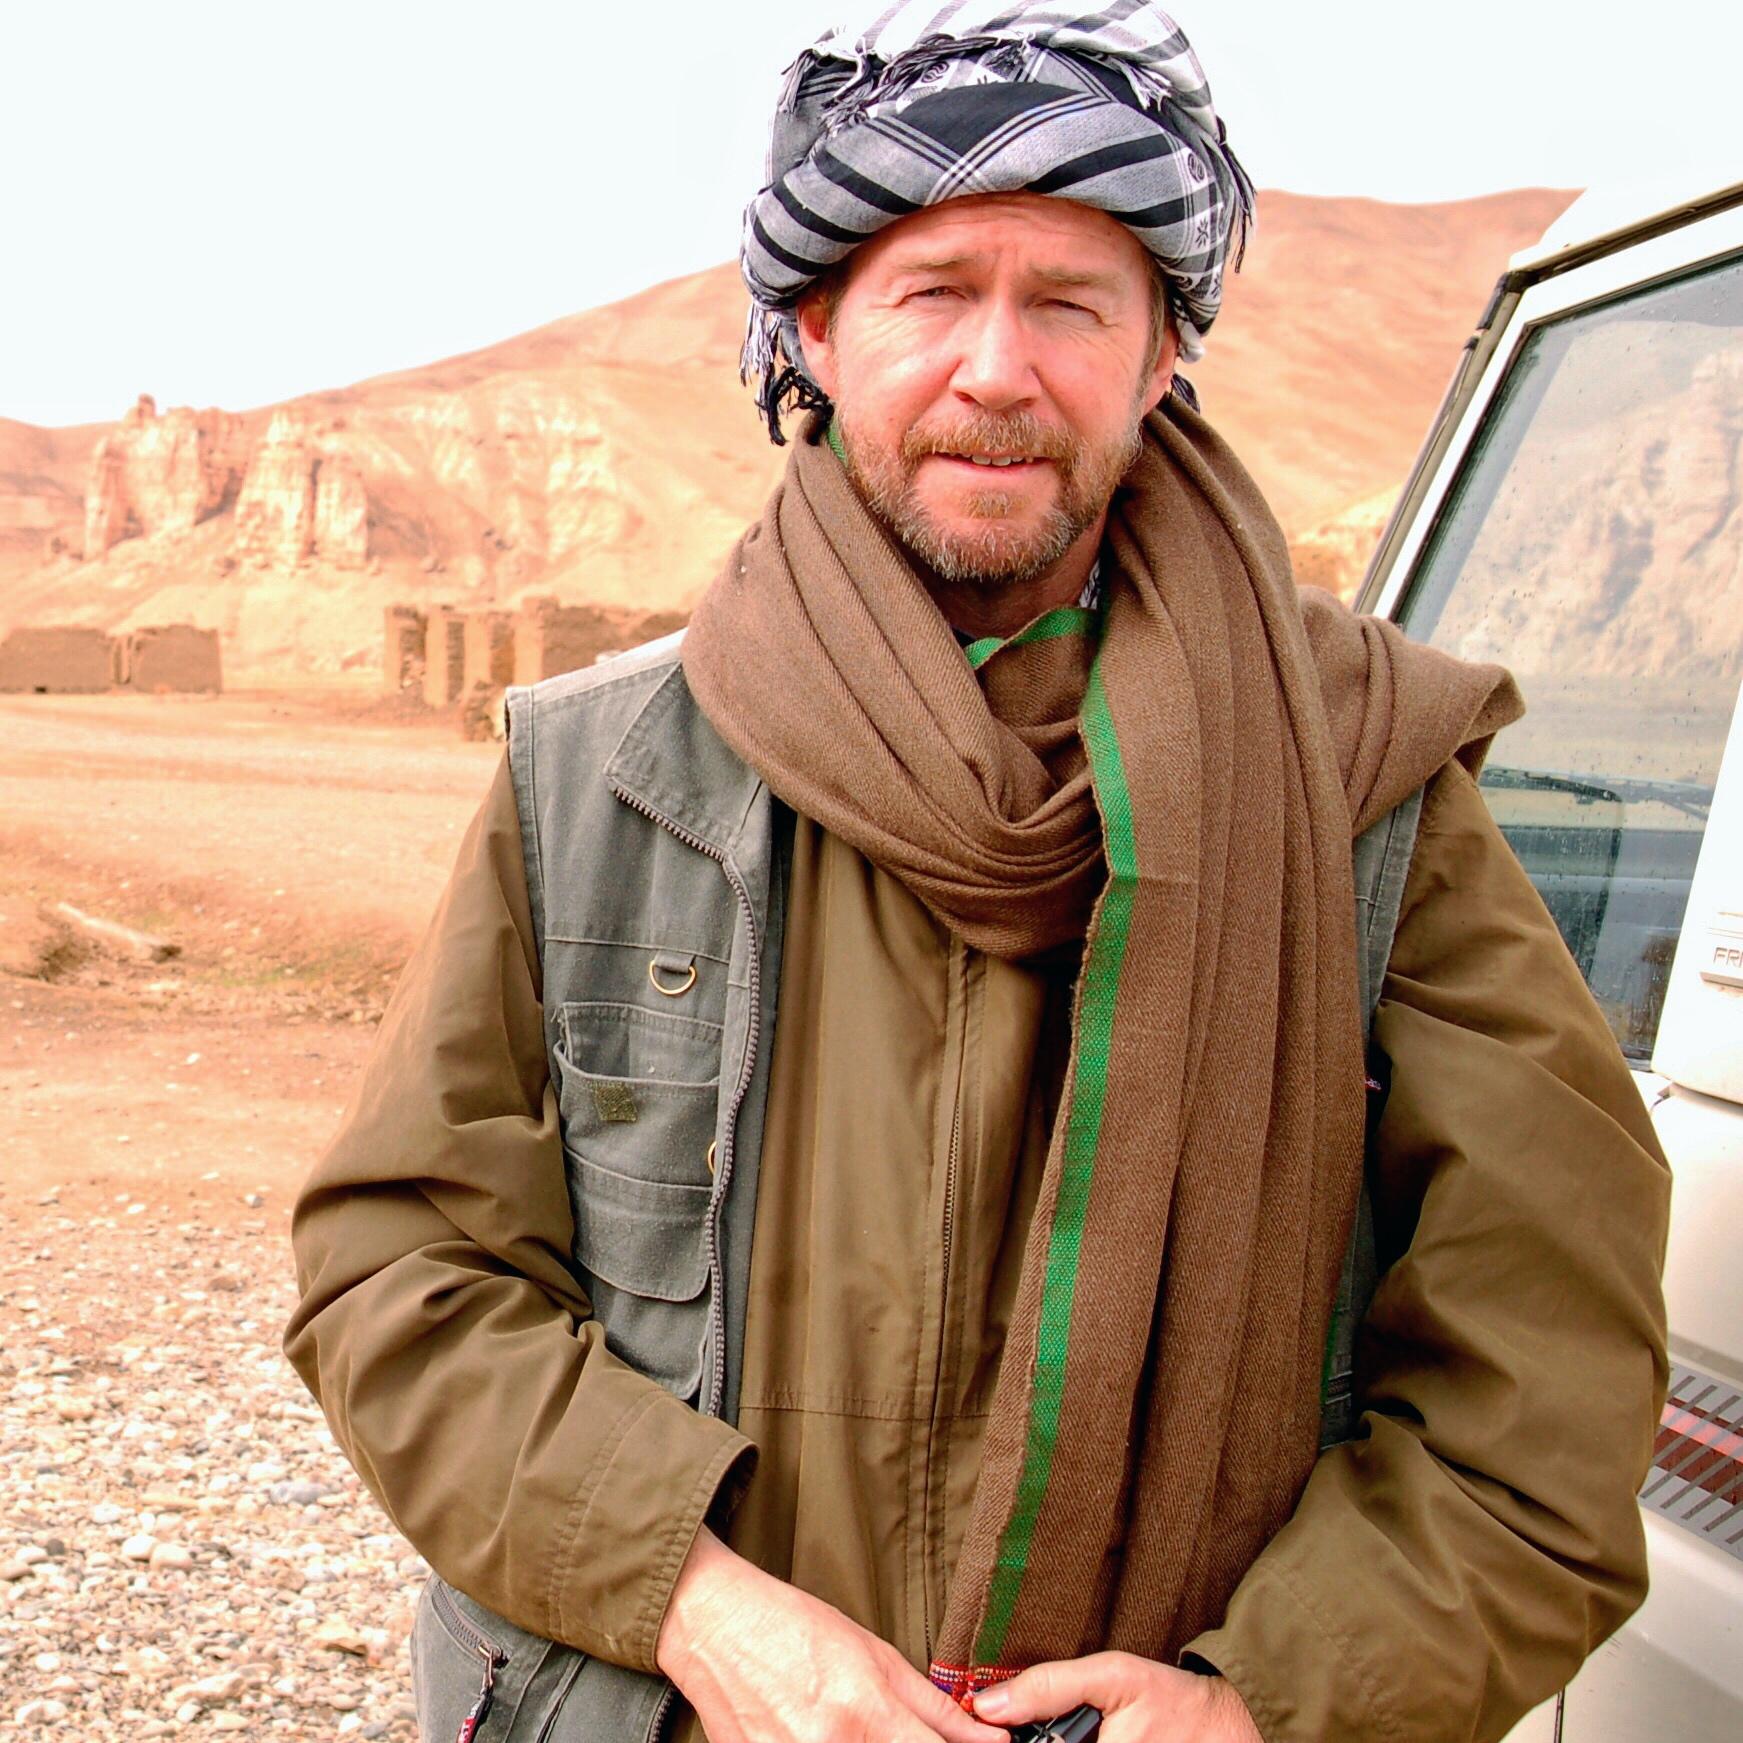 Hazarajat, Central Afghanistan